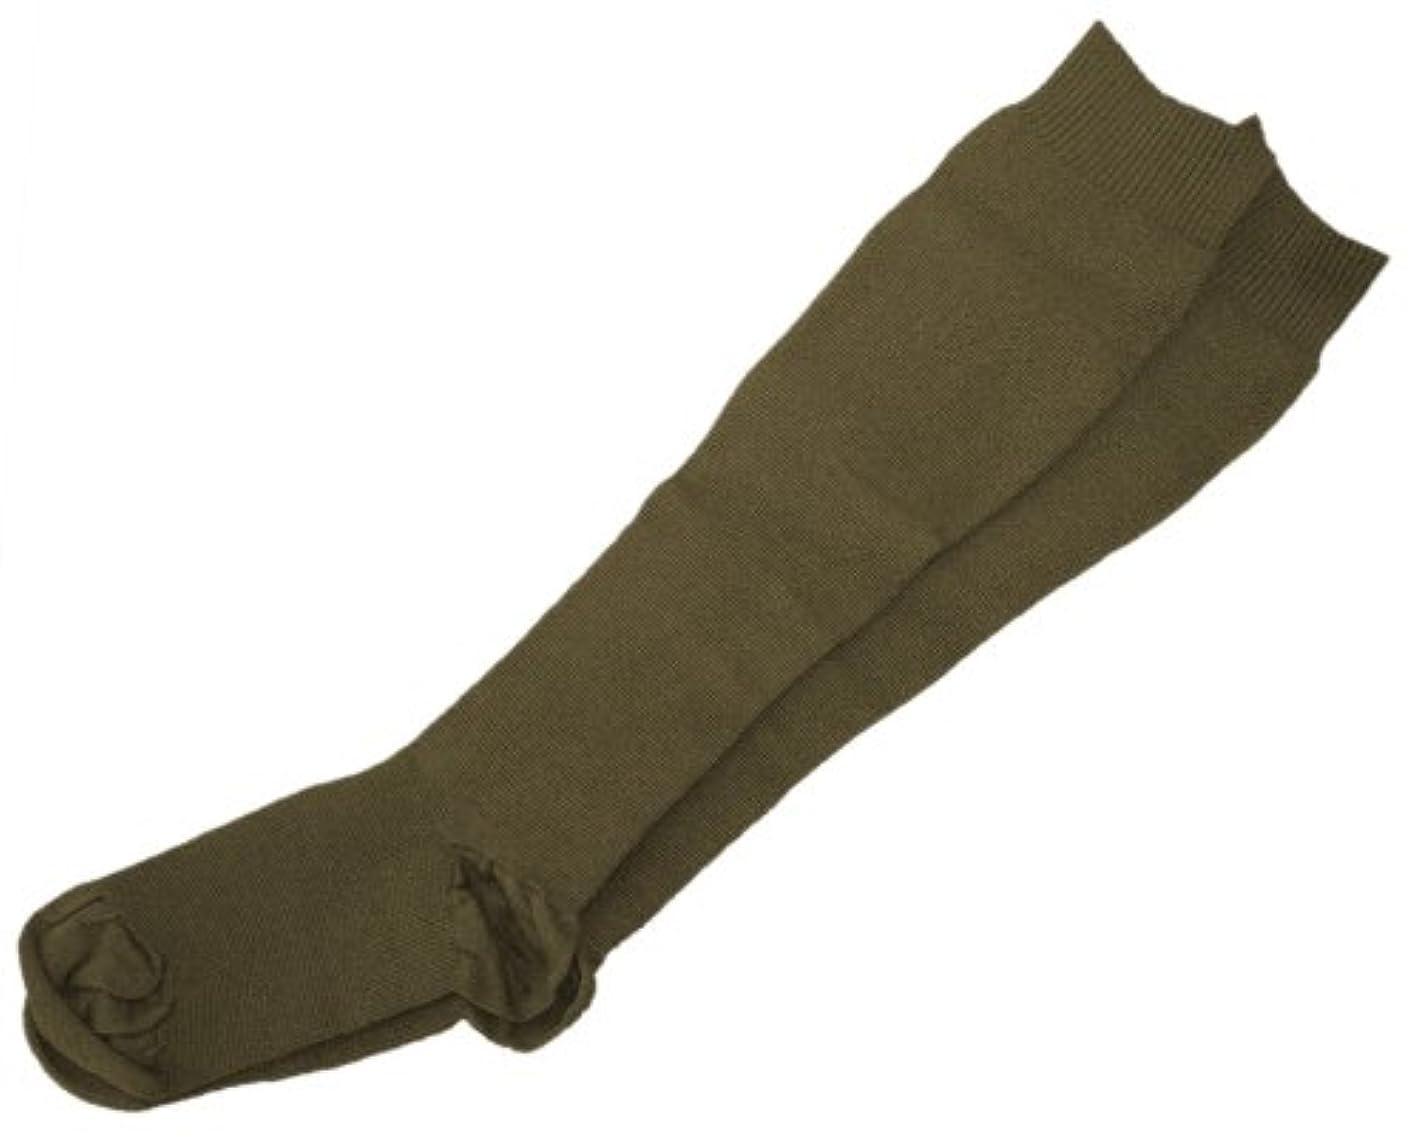 フロー祭り消化器ギロファ スタンダードソックス ブラウン Lサイズ(26.0~27.0cm)